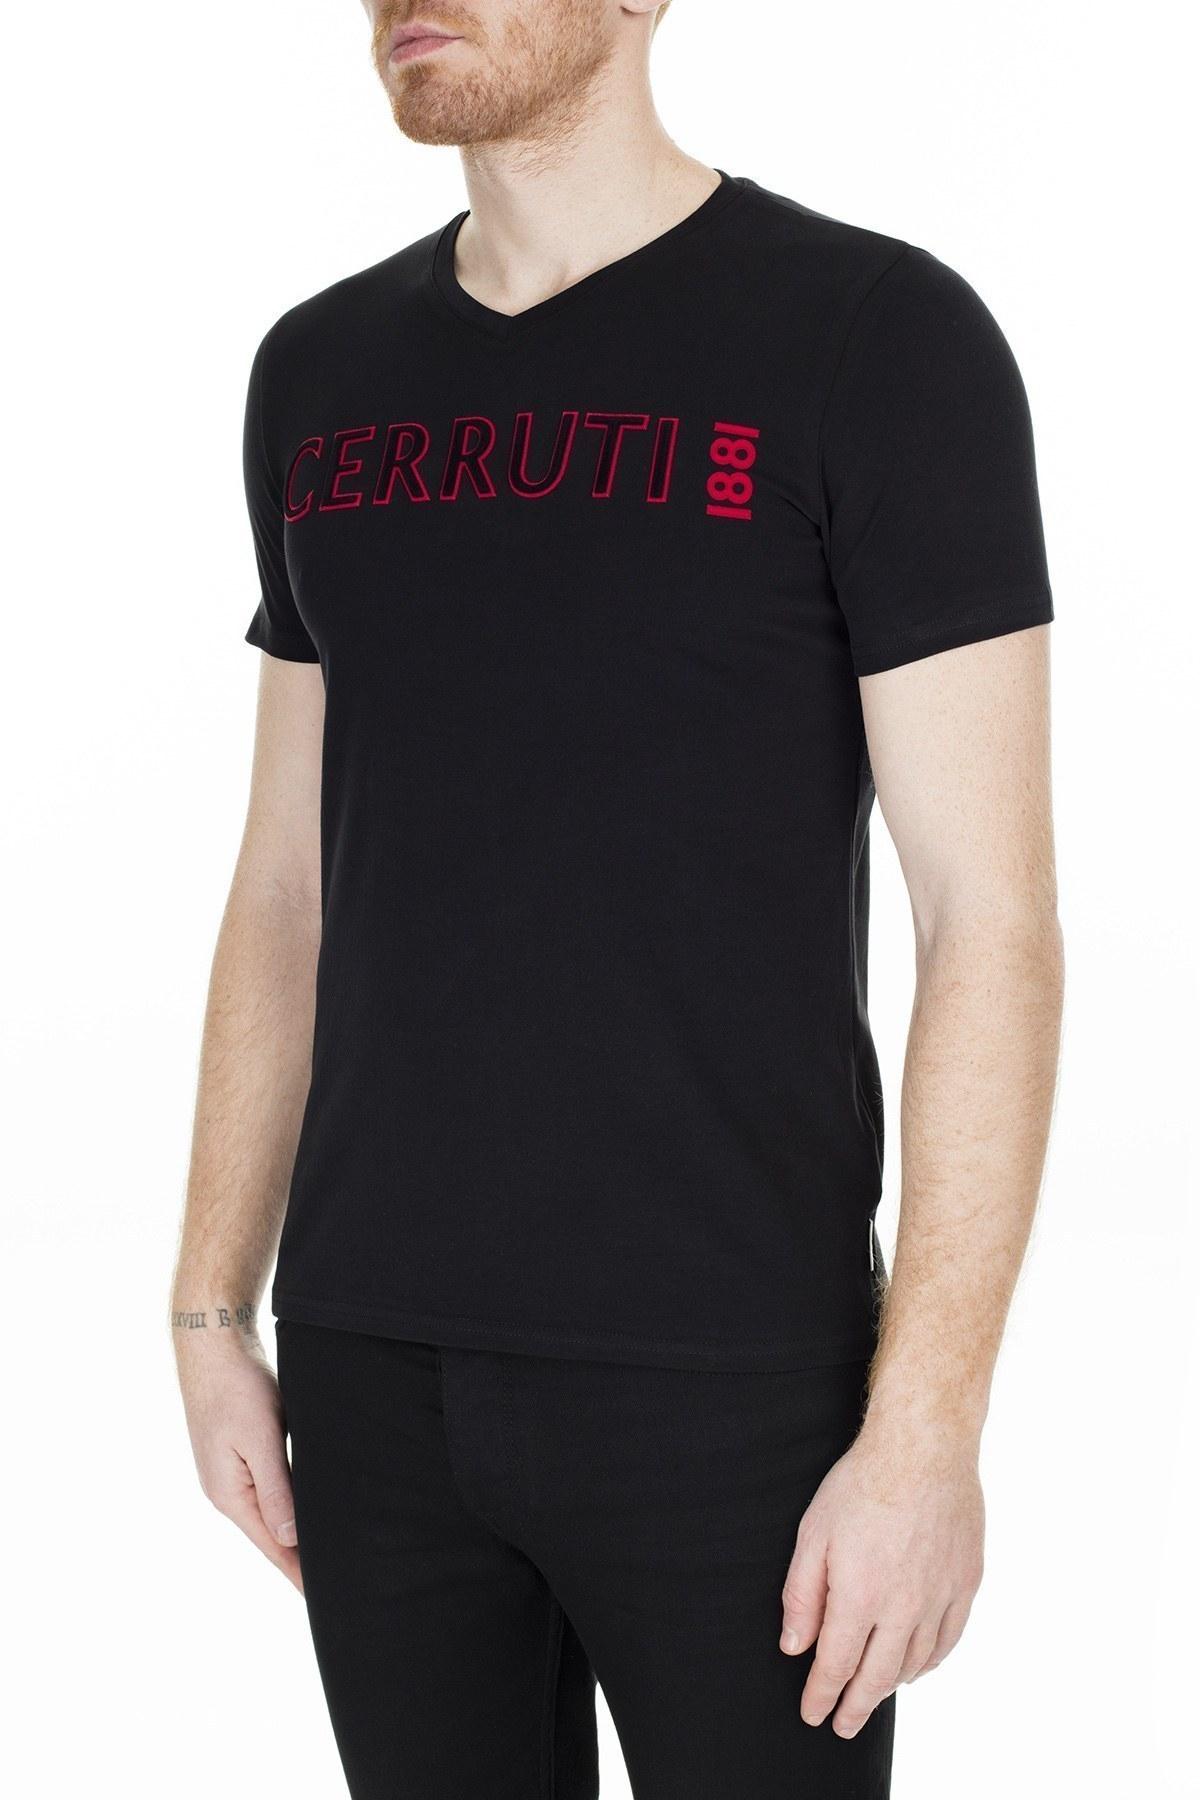 Cerruti 1881 Erkek T Shirt 203-001645 SİYAH